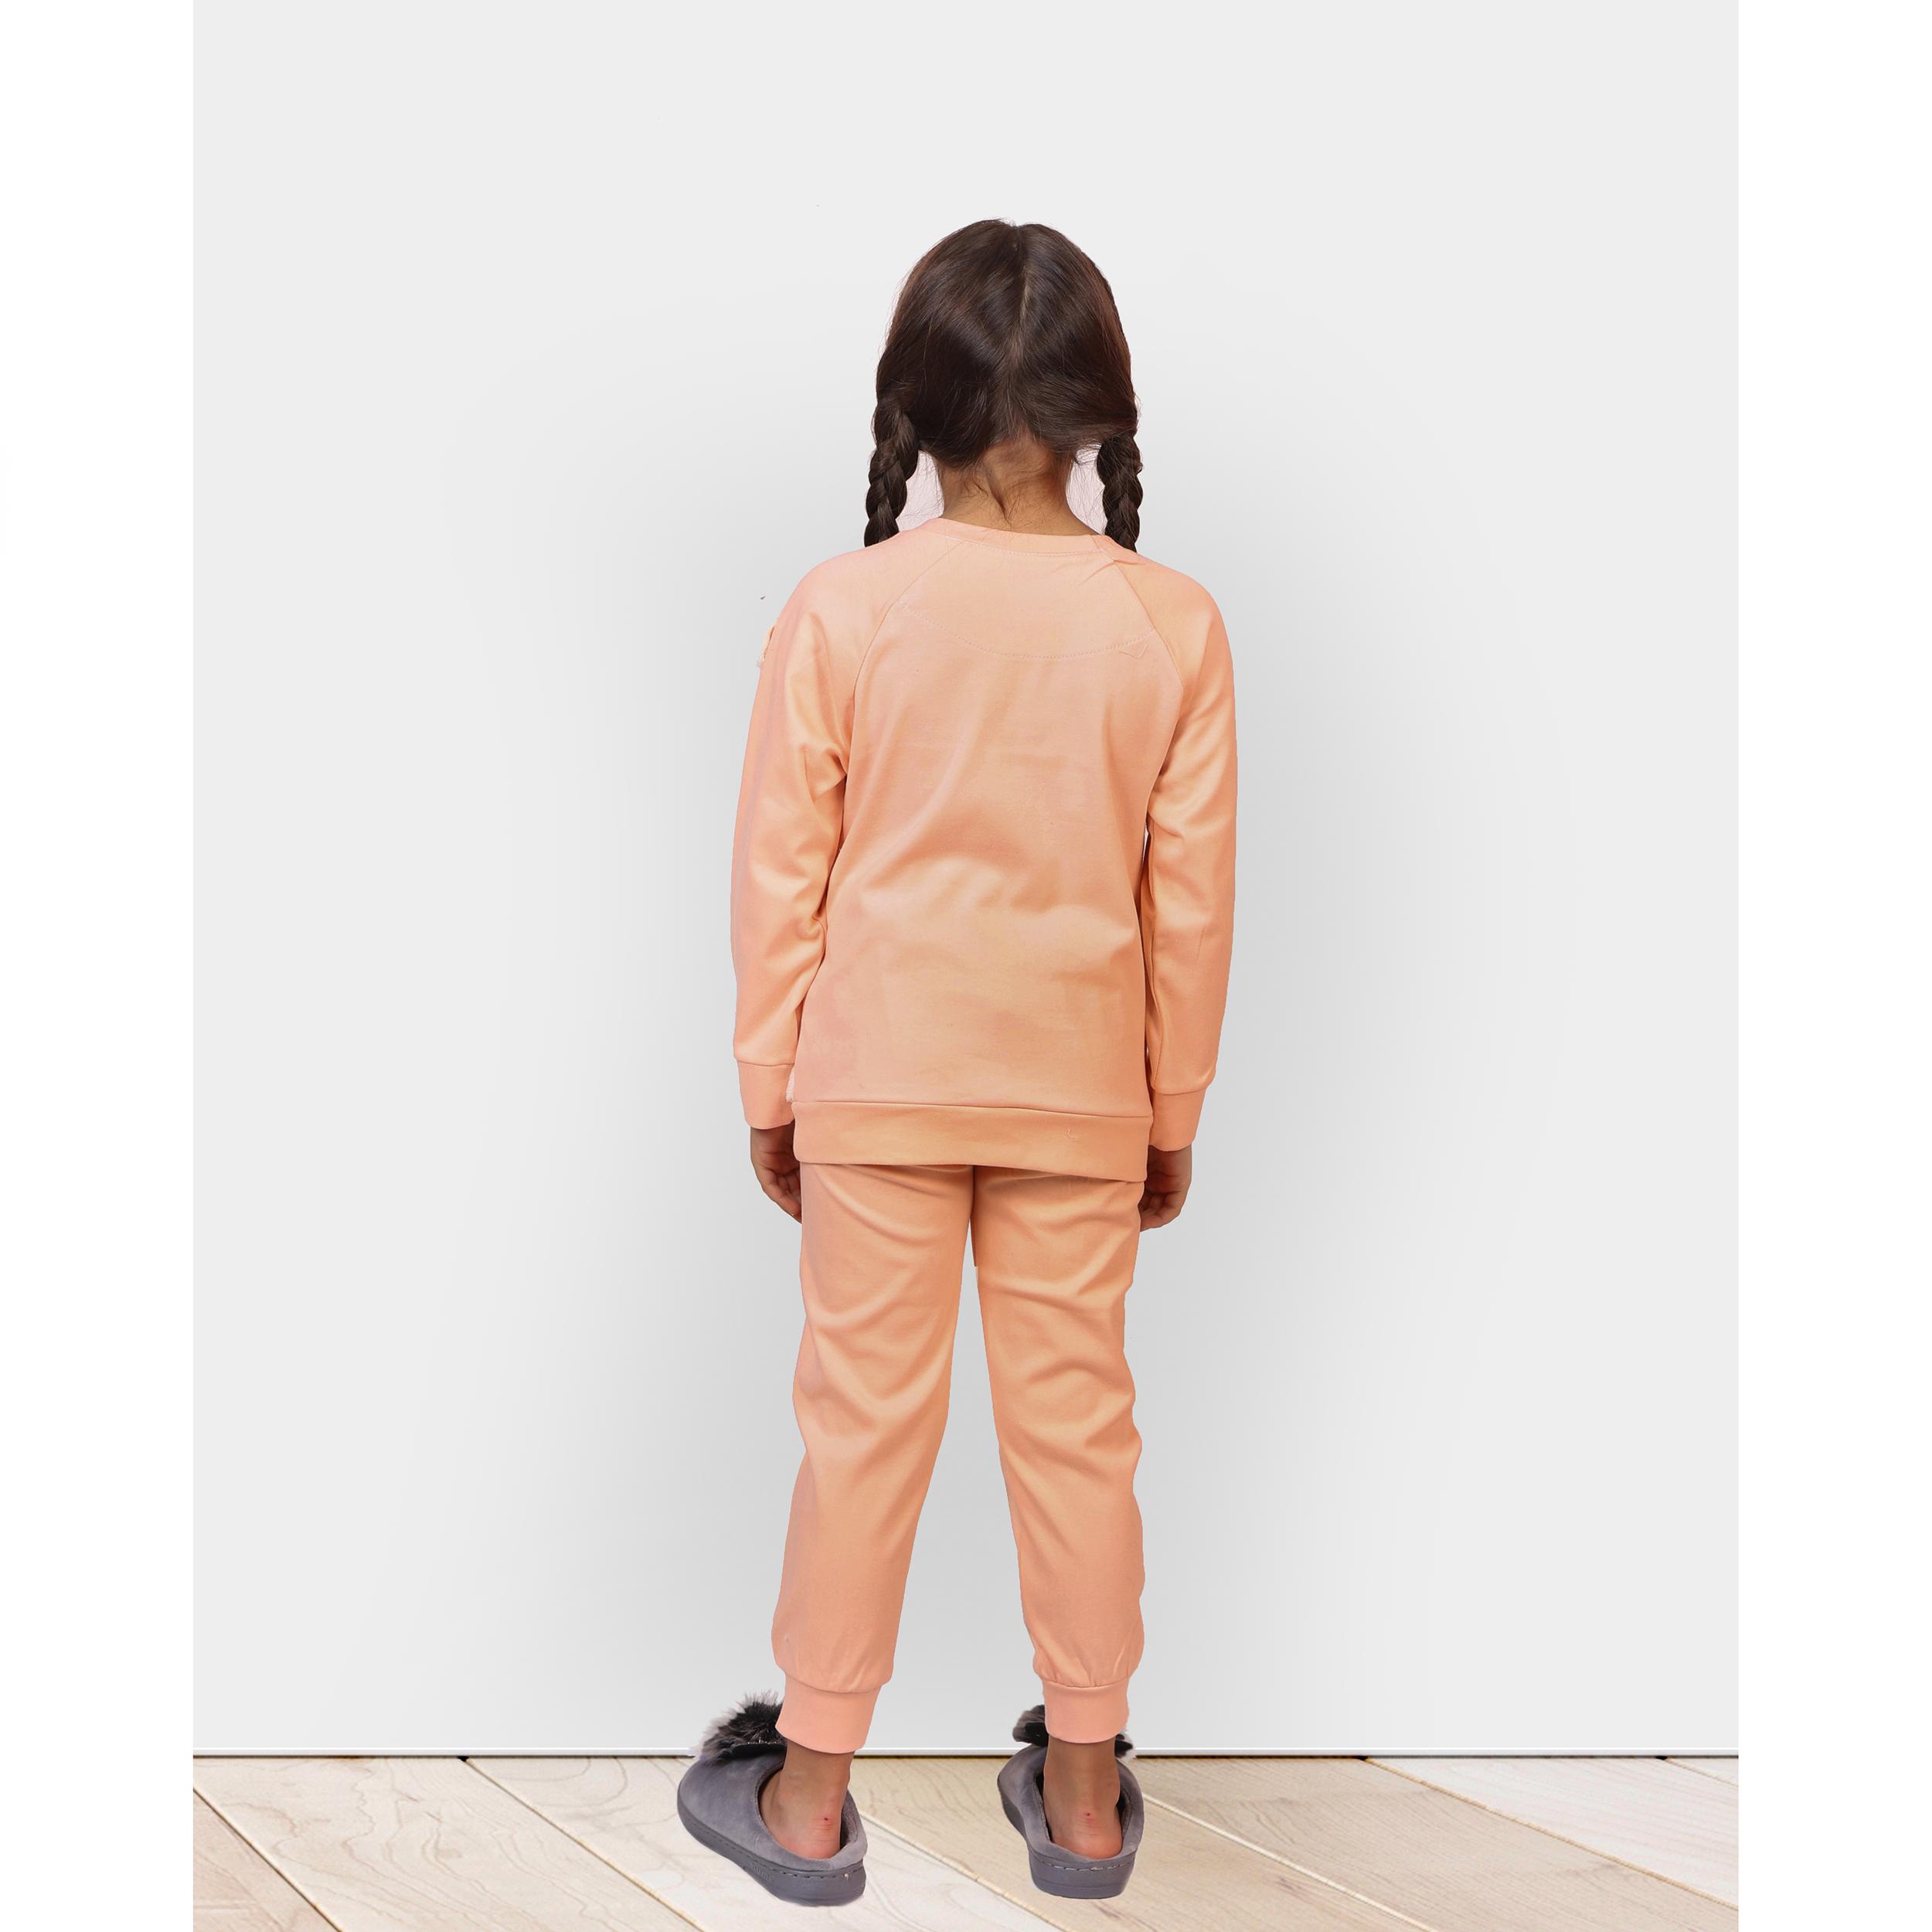 ست تی شرت و شلوار دخترانه مادر مدل 302-80 main 1 8